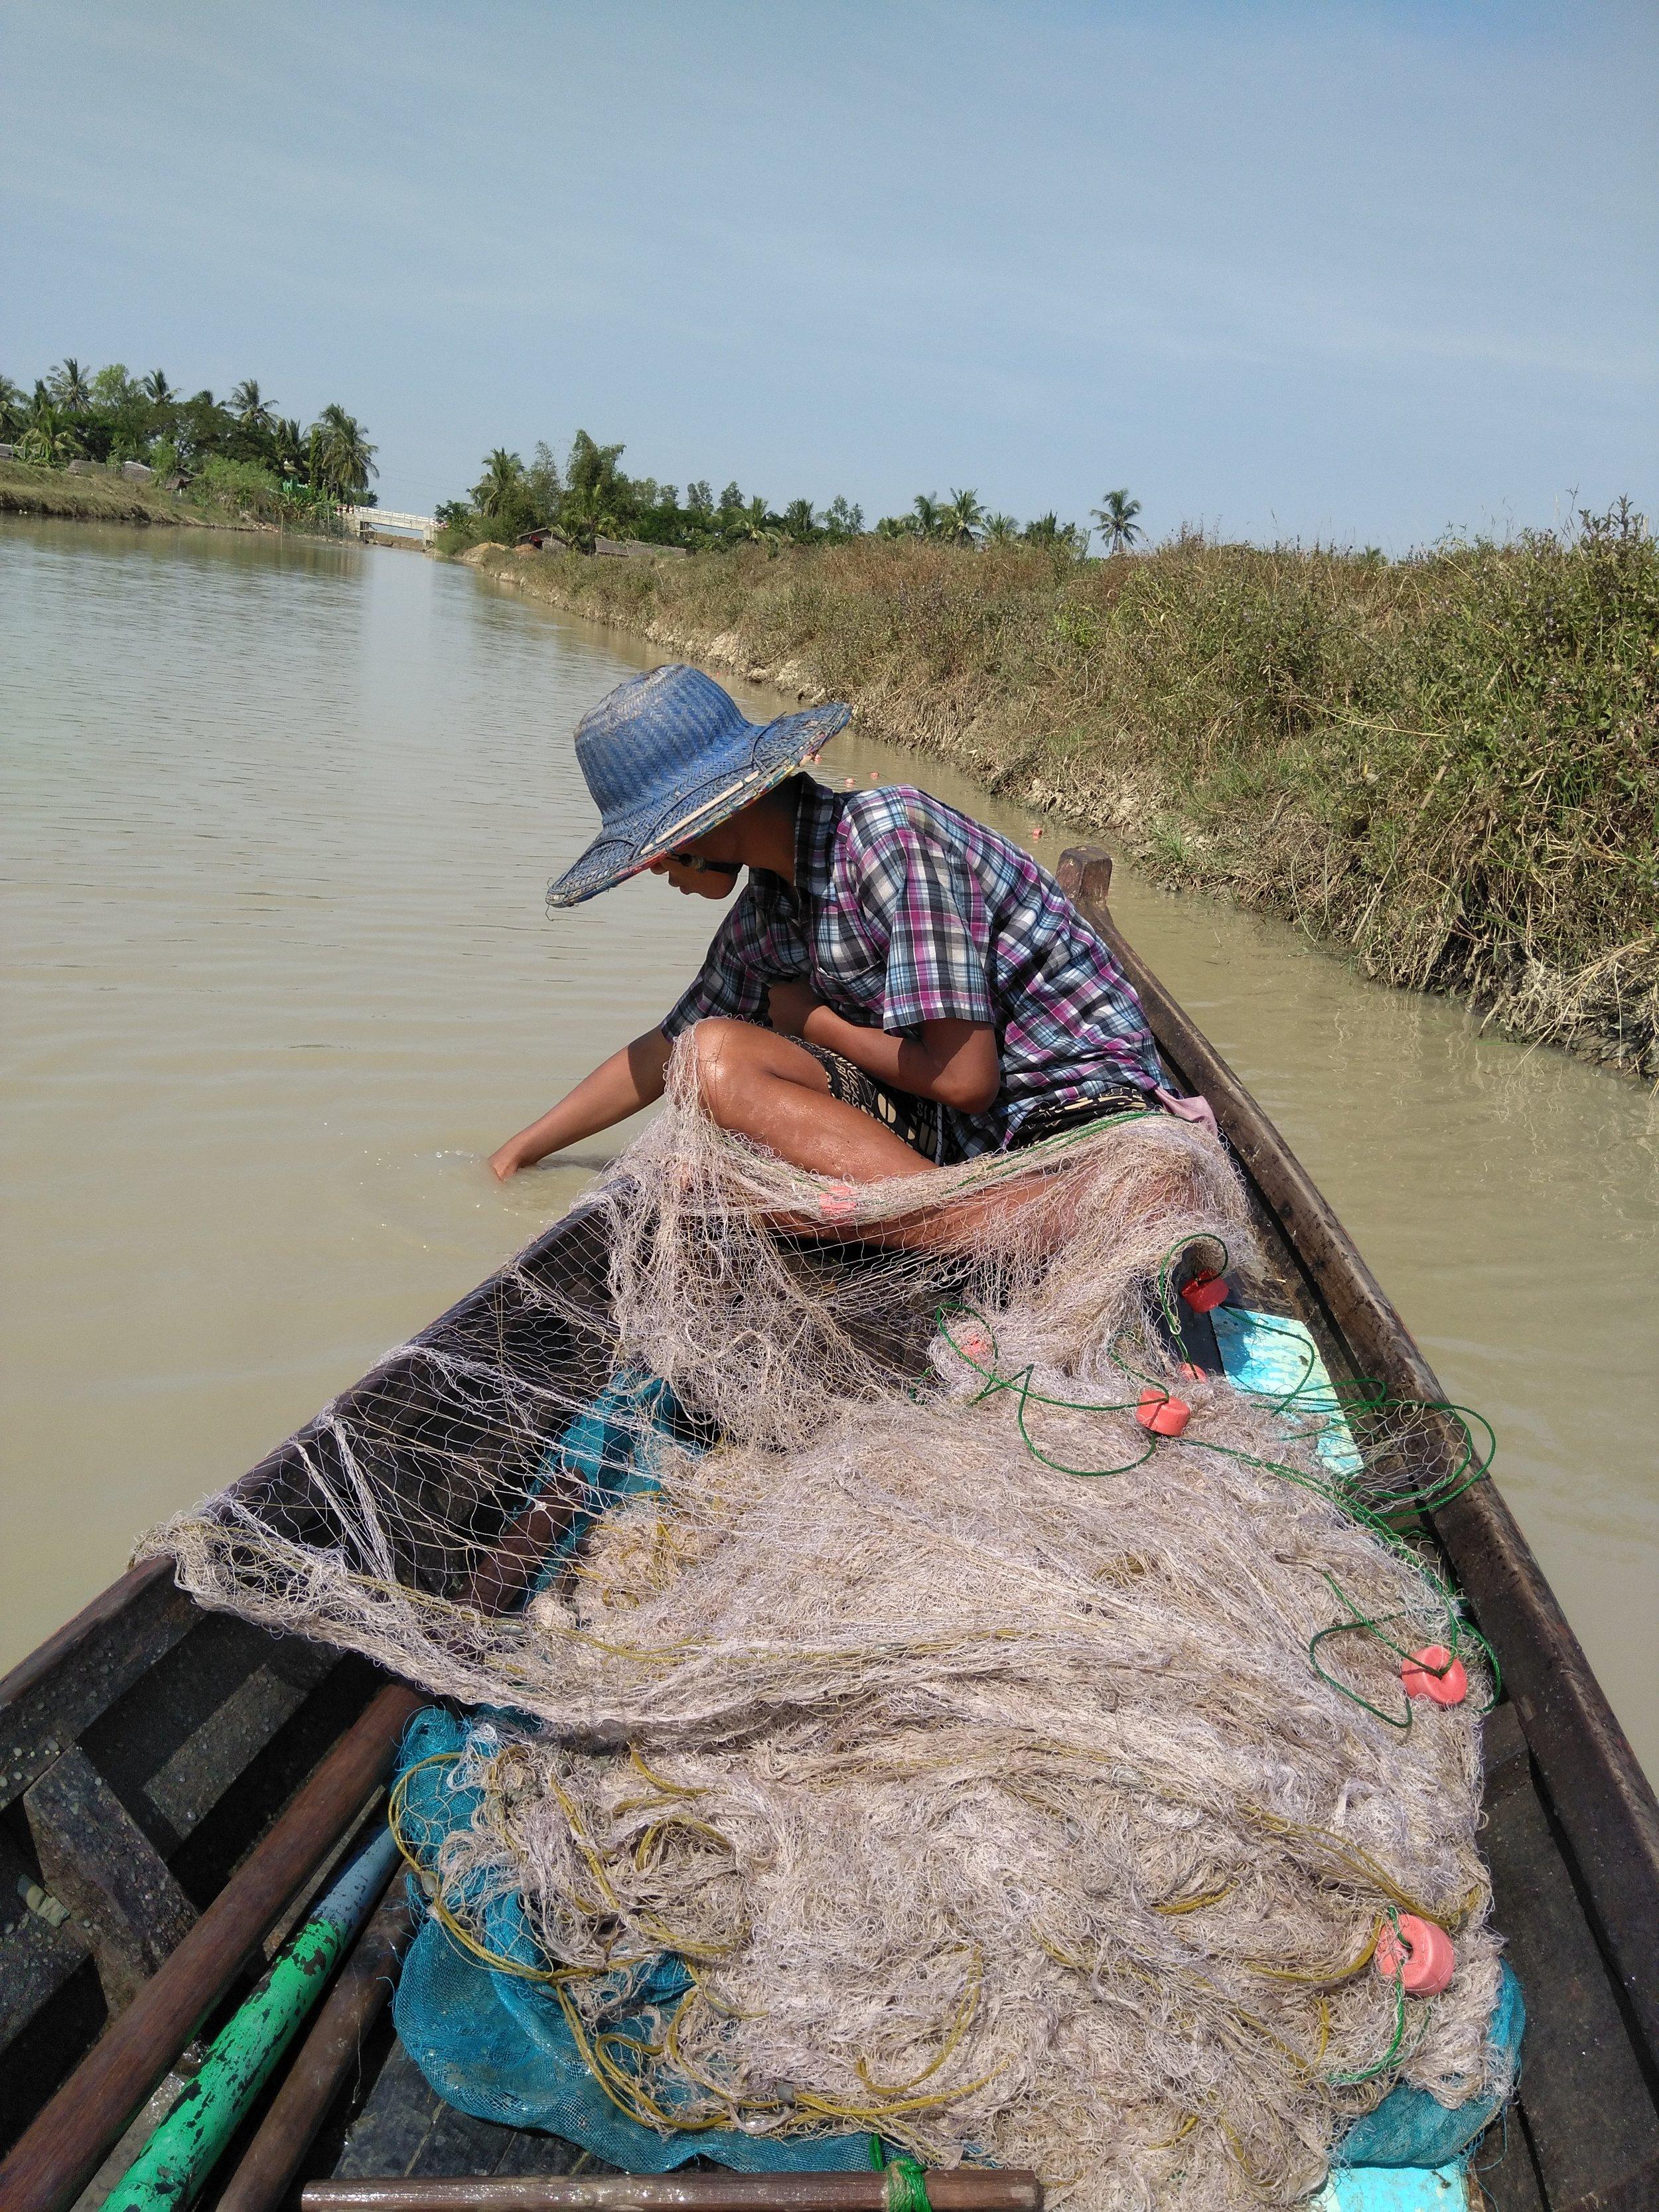 Thet Kyawt Oo, 54